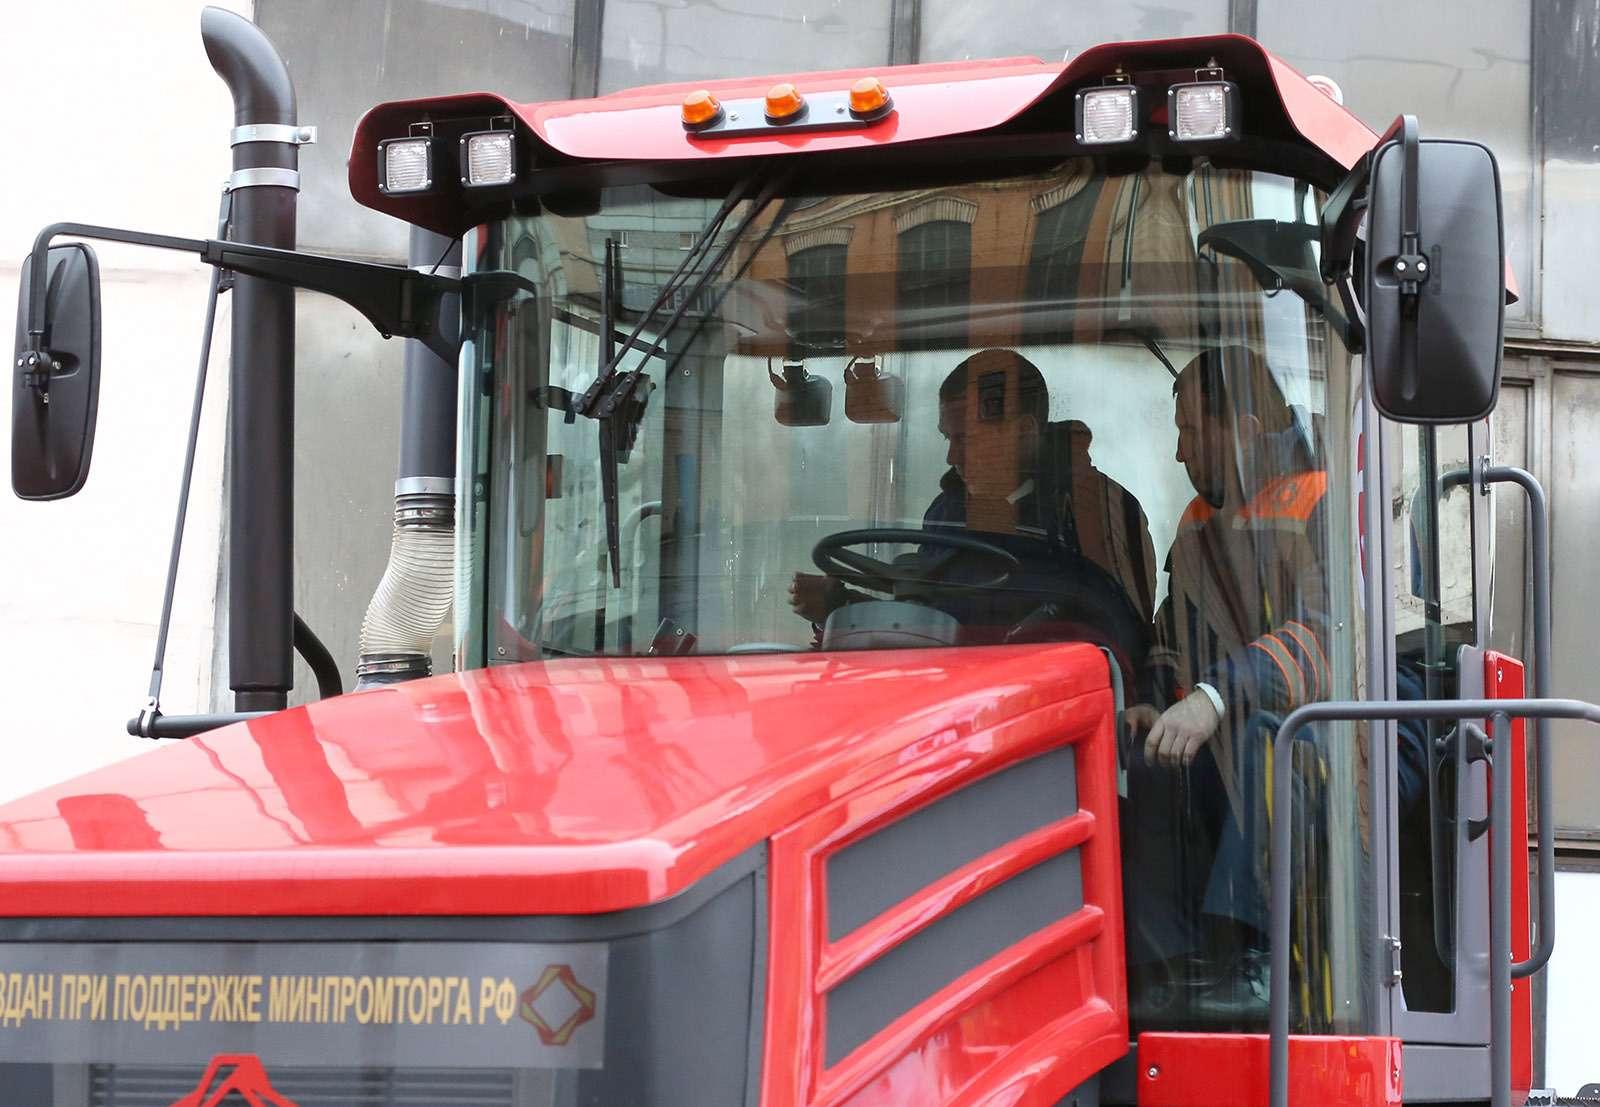 Любимые машины Дмитрия Медведева: откомбайна доАуруса— фото 945802